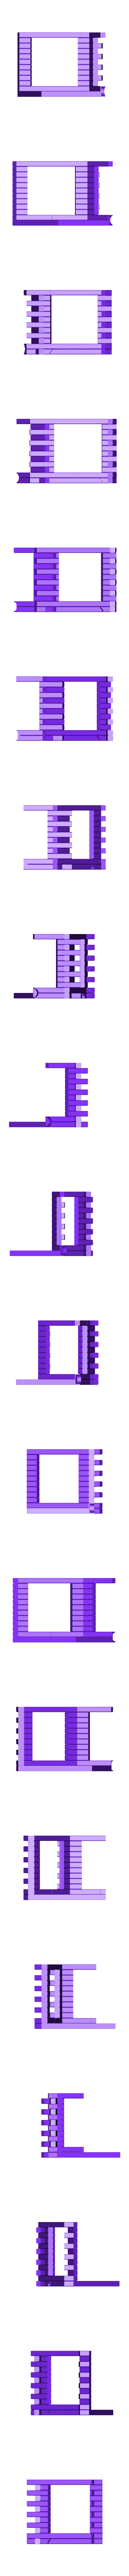 walls_part_2.stl Télécharger fichier STL gratuit Maison des oiseaux • Modèle pour imprimante 3D, poblocki1982